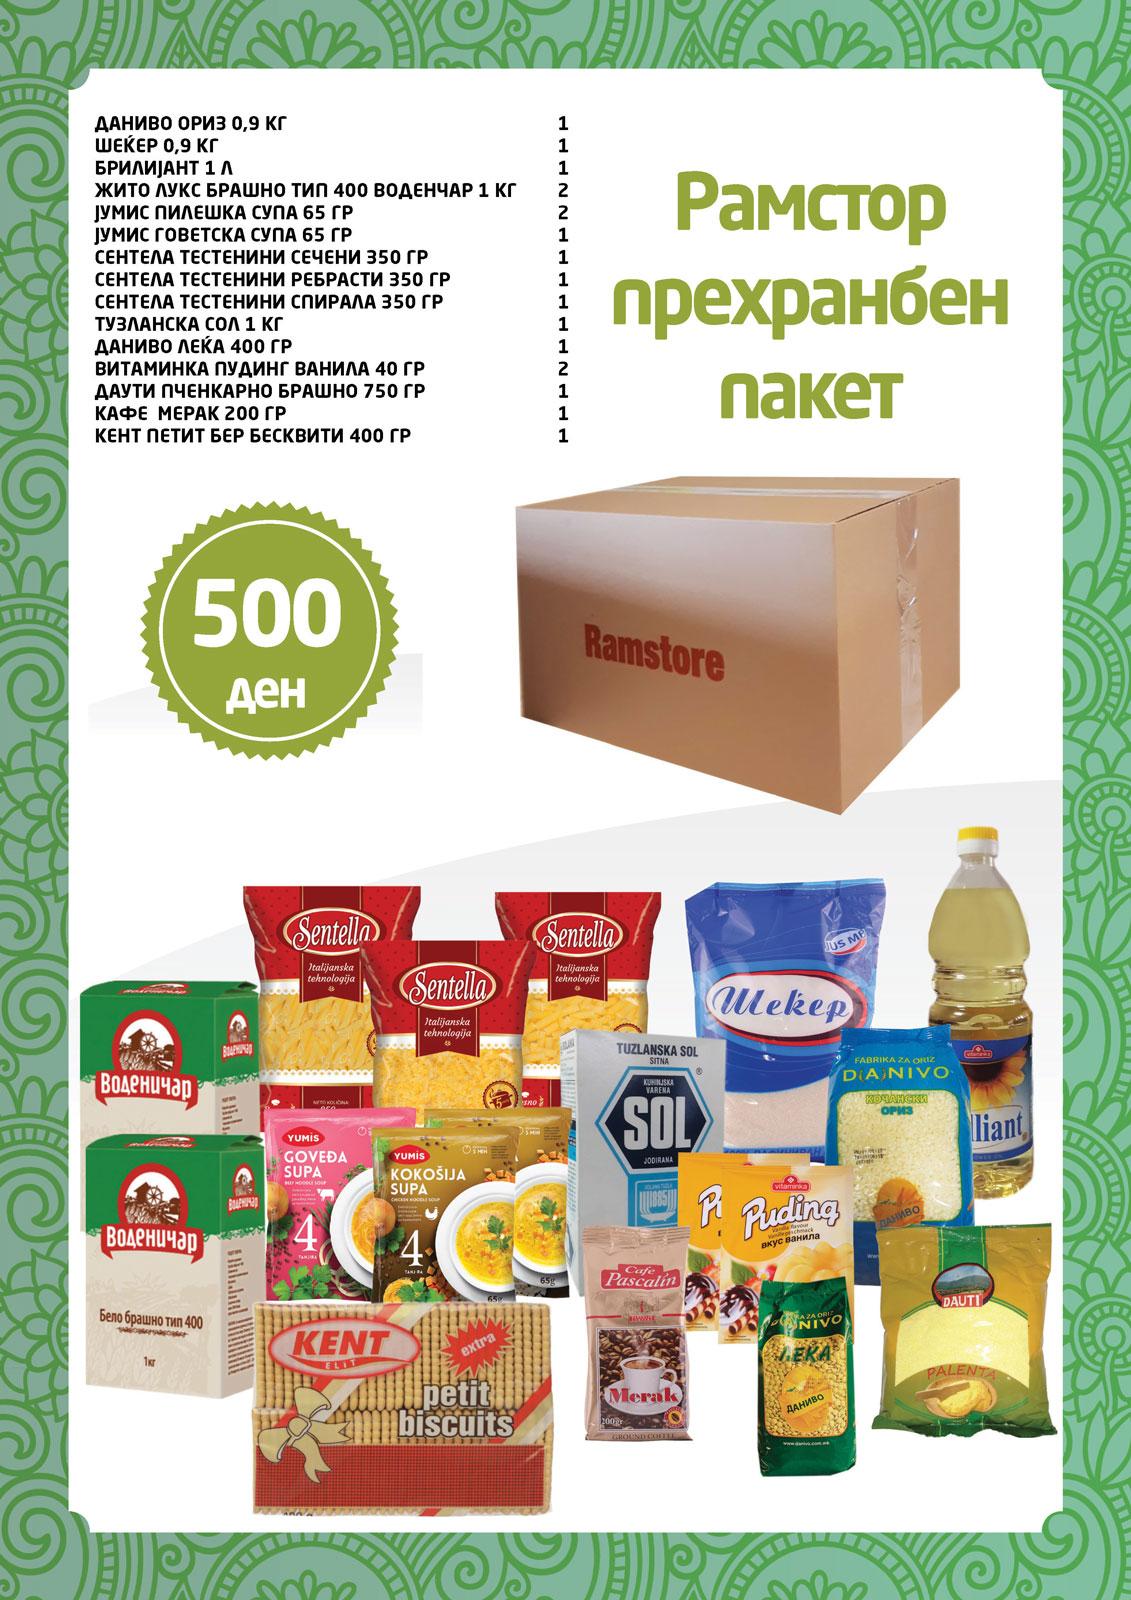 Рамсторе со специјална понуда: Прехранбени пакети по ...